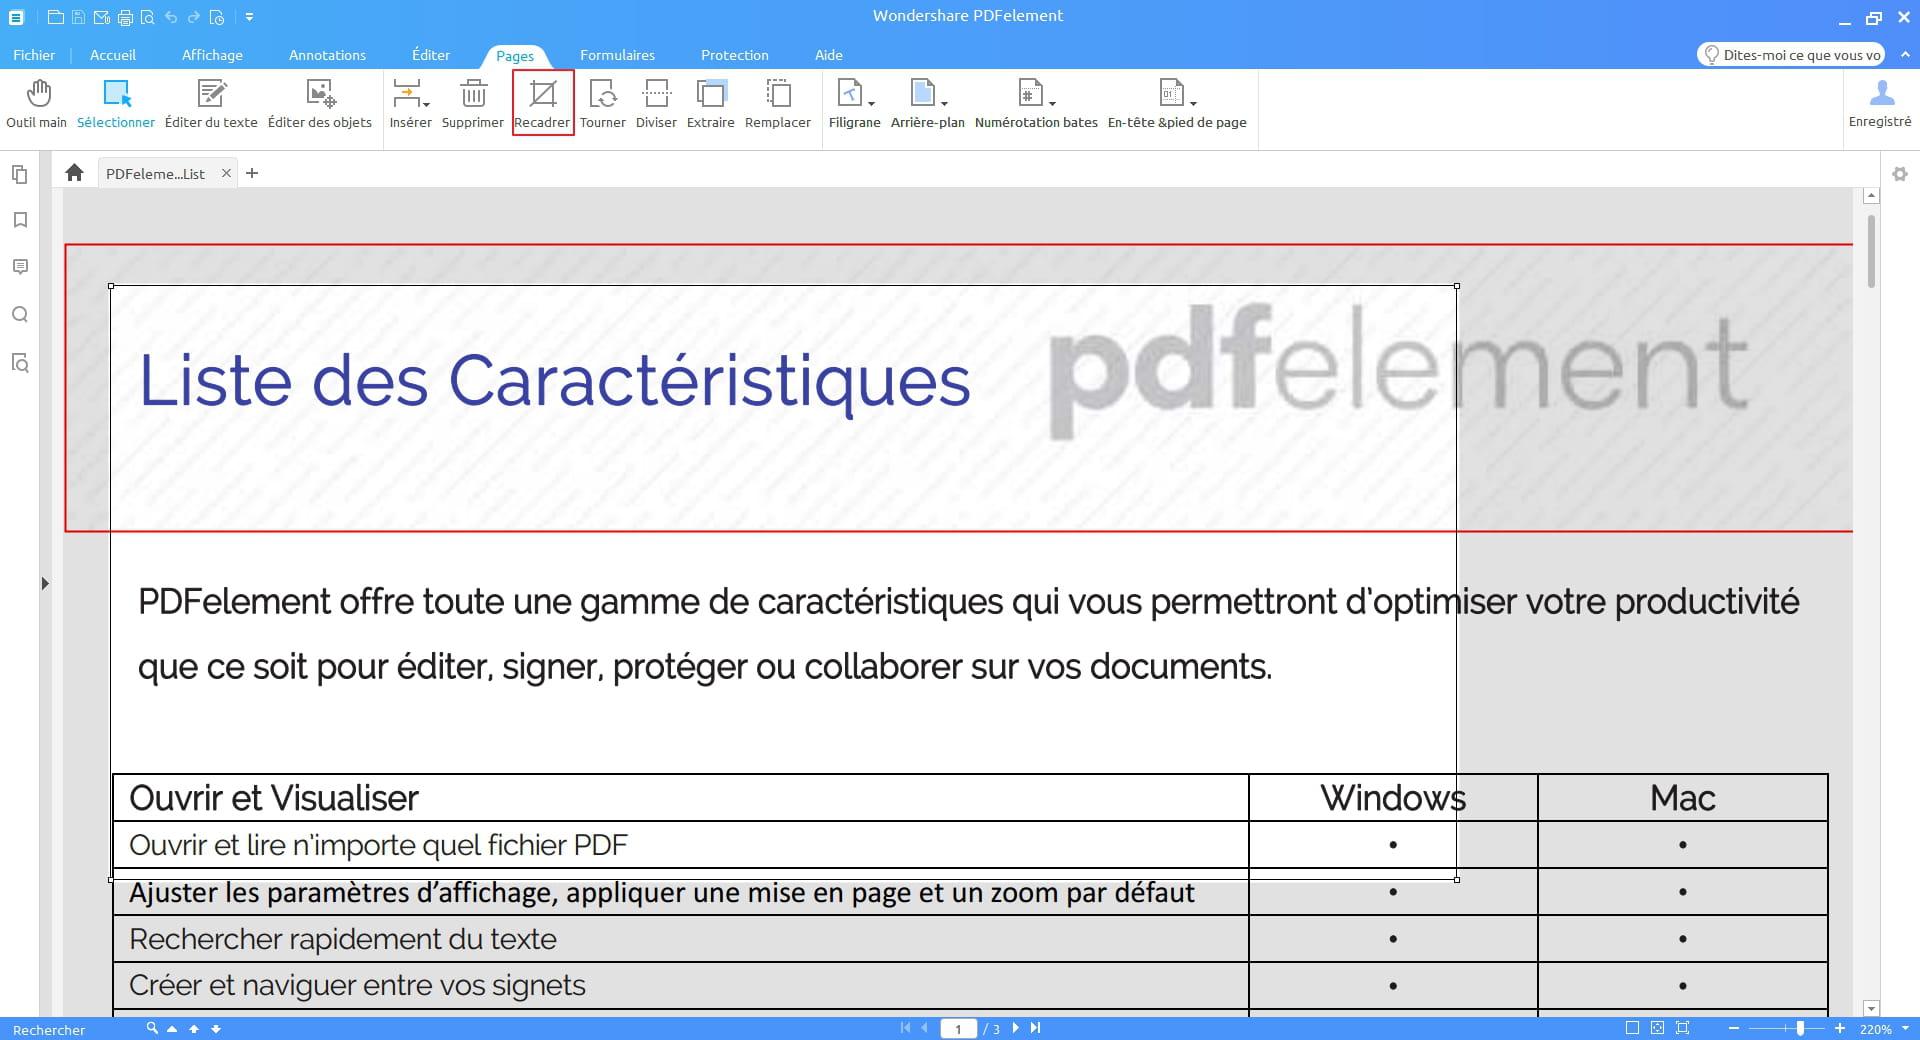 logiciel pour redimensionner le fichier pdf  u00bb ntererofer tk